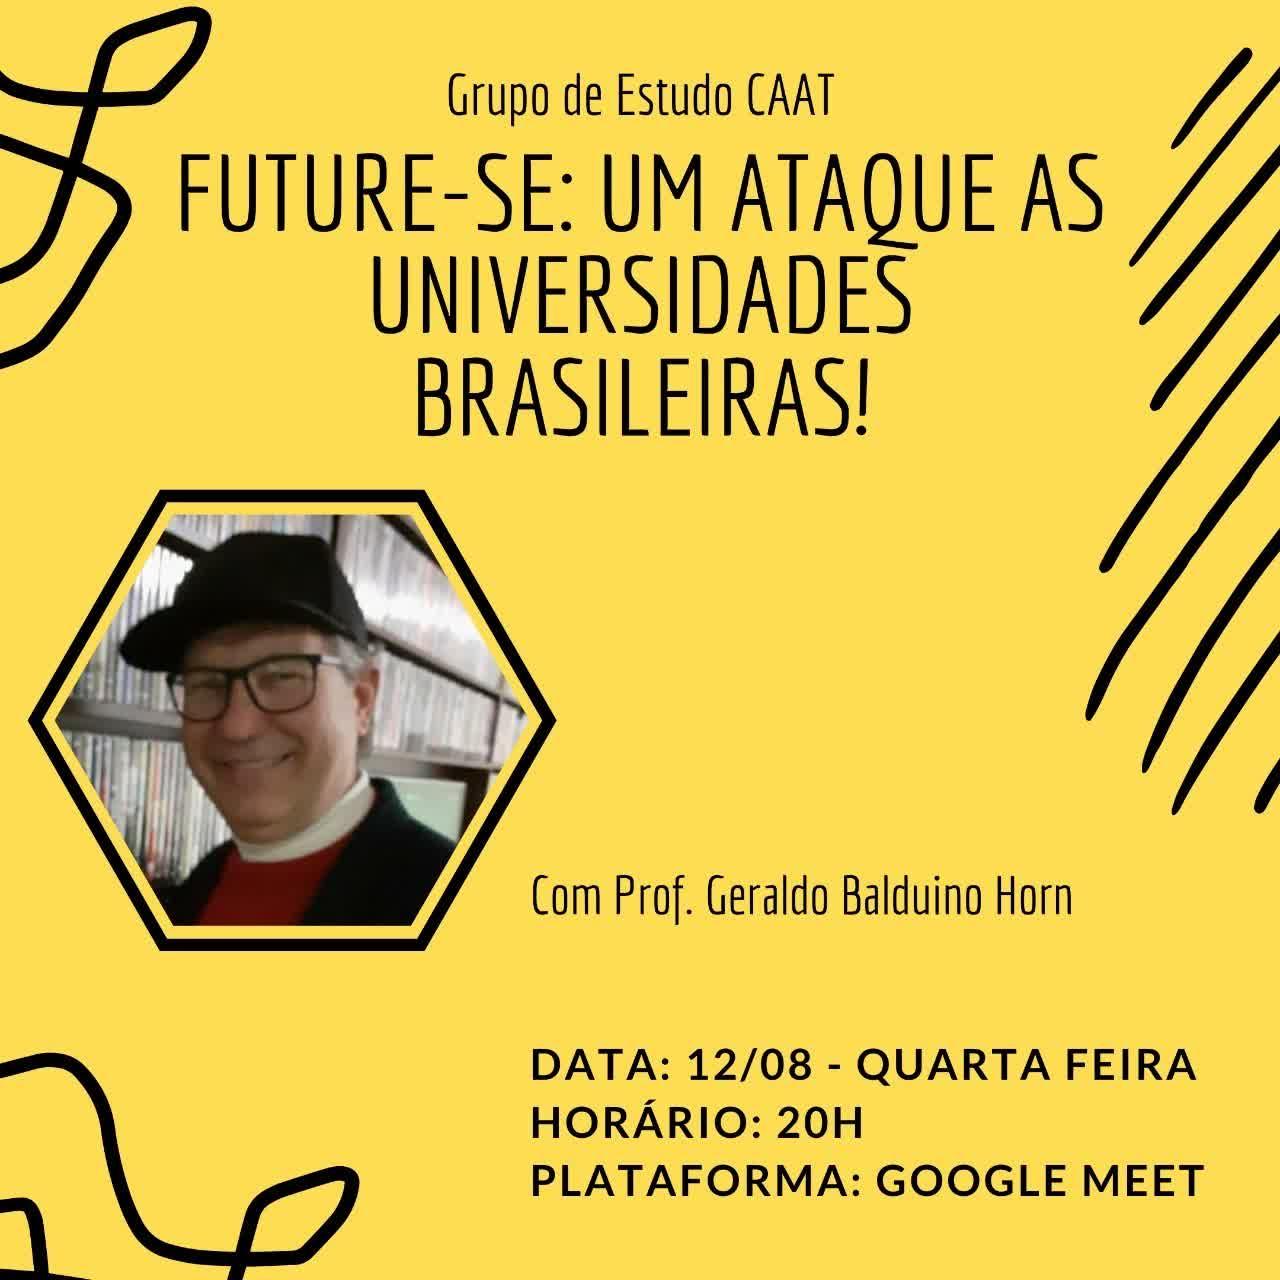 Rádio Camélia/NESEF/CAAT - FUTURE-SE- UM ATAQUE ÀS UNIVERSIDADES BRASILEIRAS!